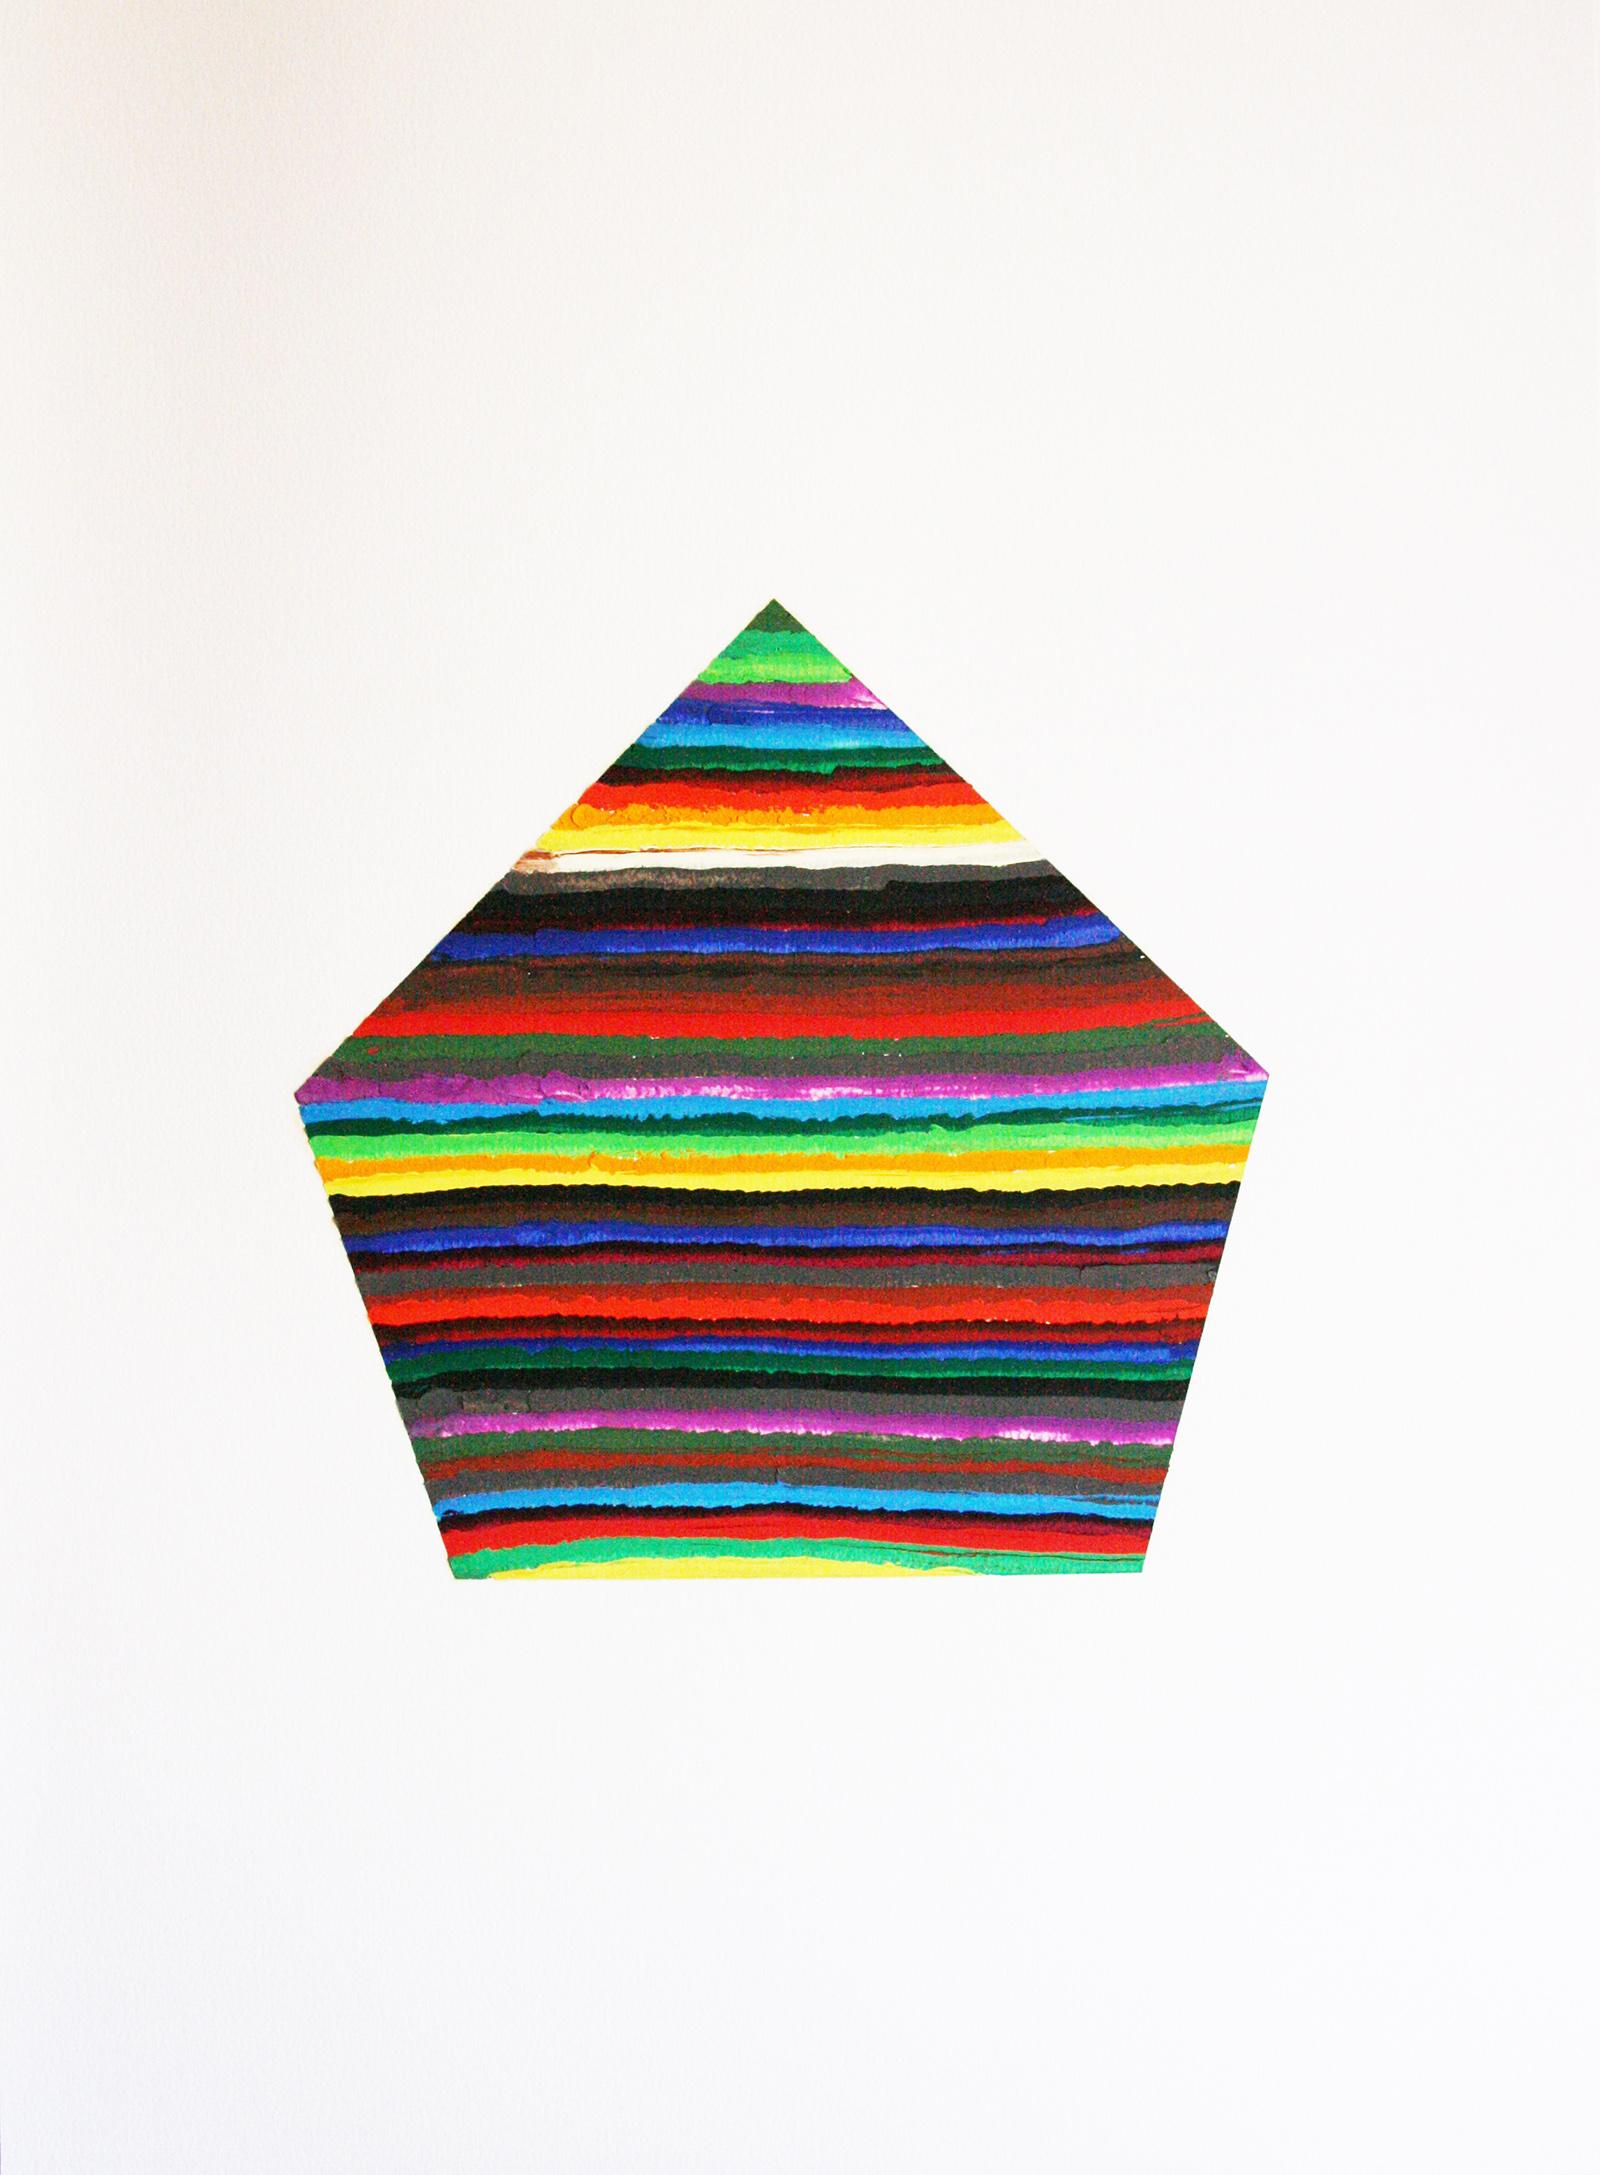 Geom 1 (oil on paper, 65x50cm) 2011- Miquel Gelabert